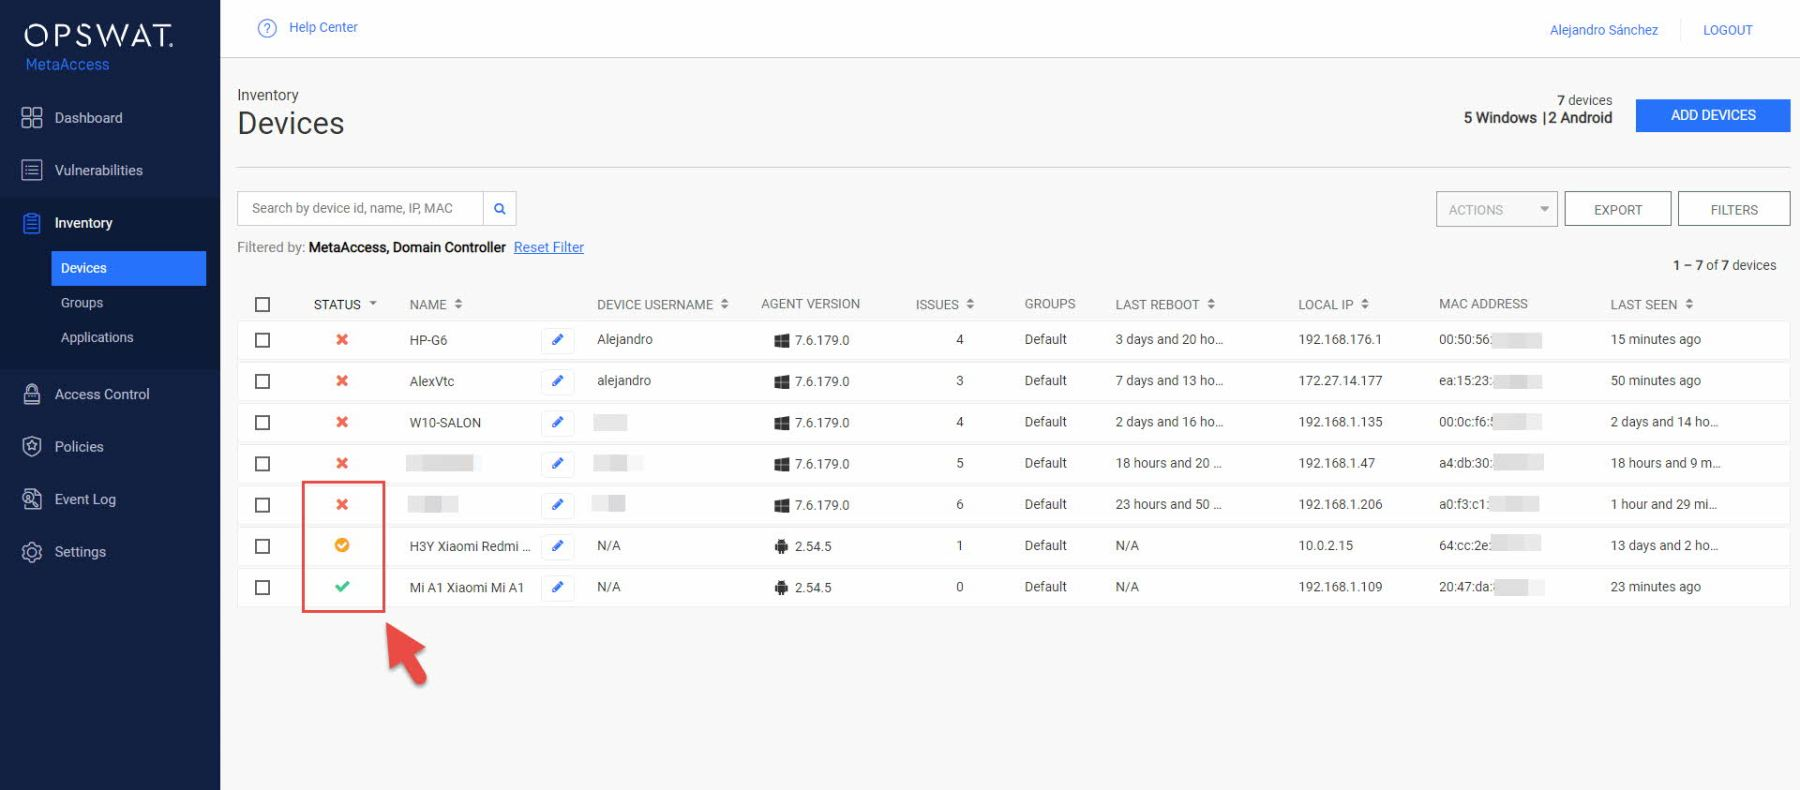 Opswat MetaAccess - Inventario de dispositivos con monitorización habilitada